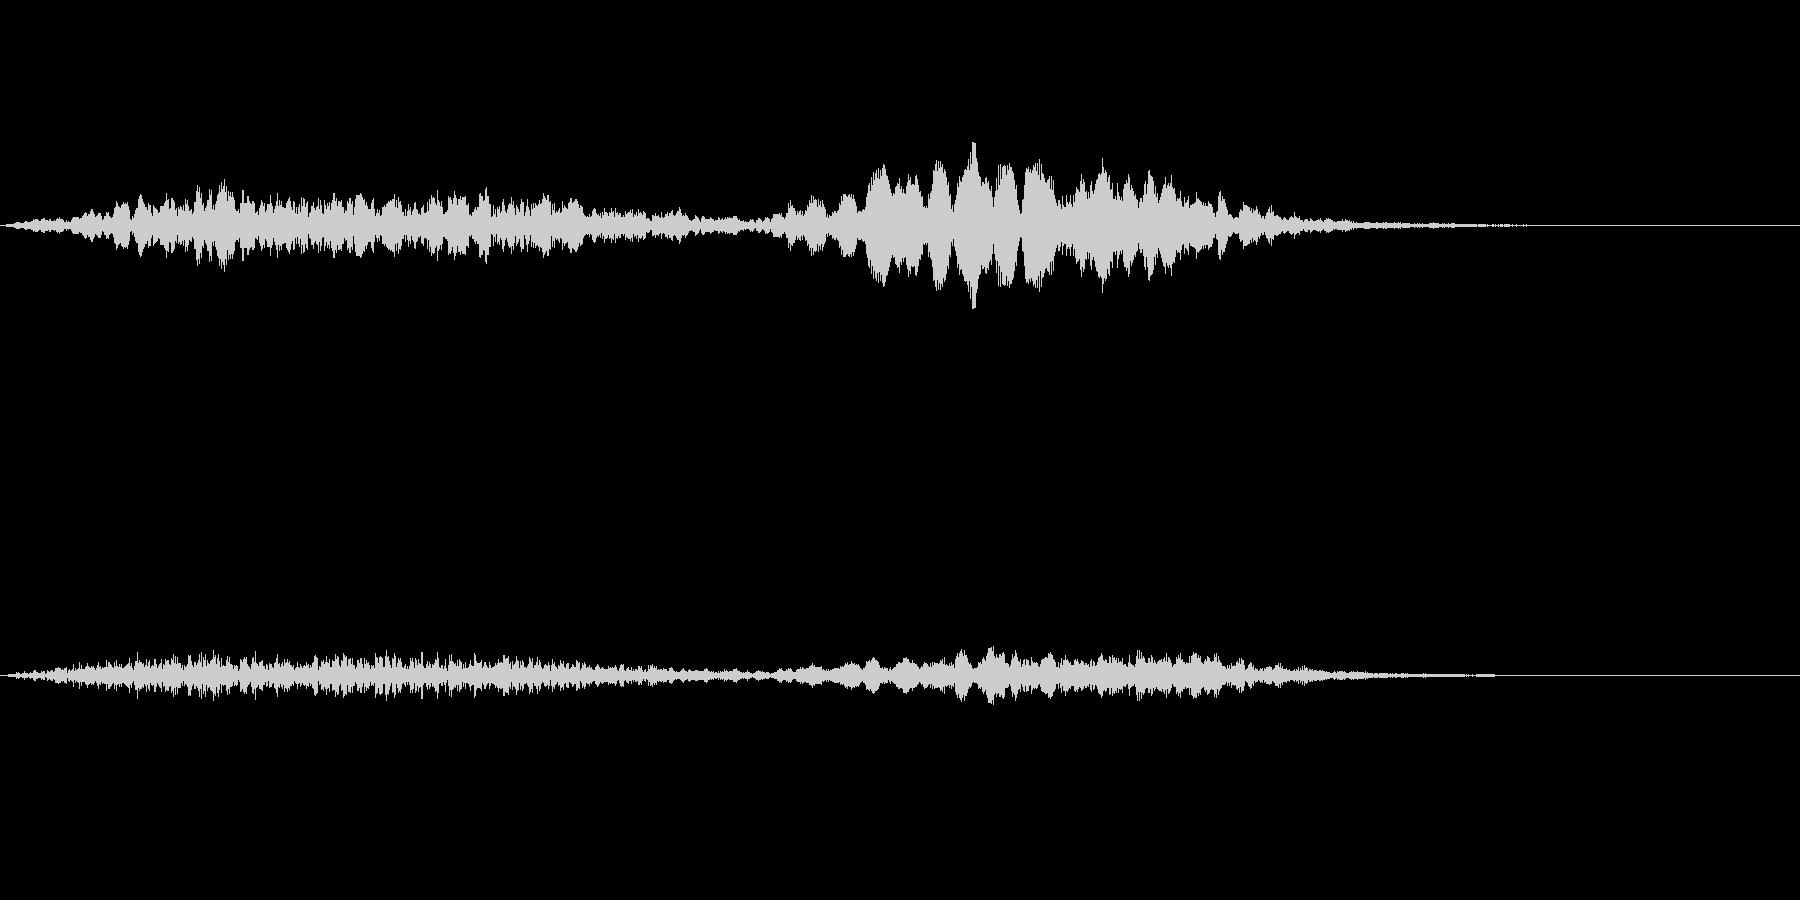 ホラー音06の未再生の波形